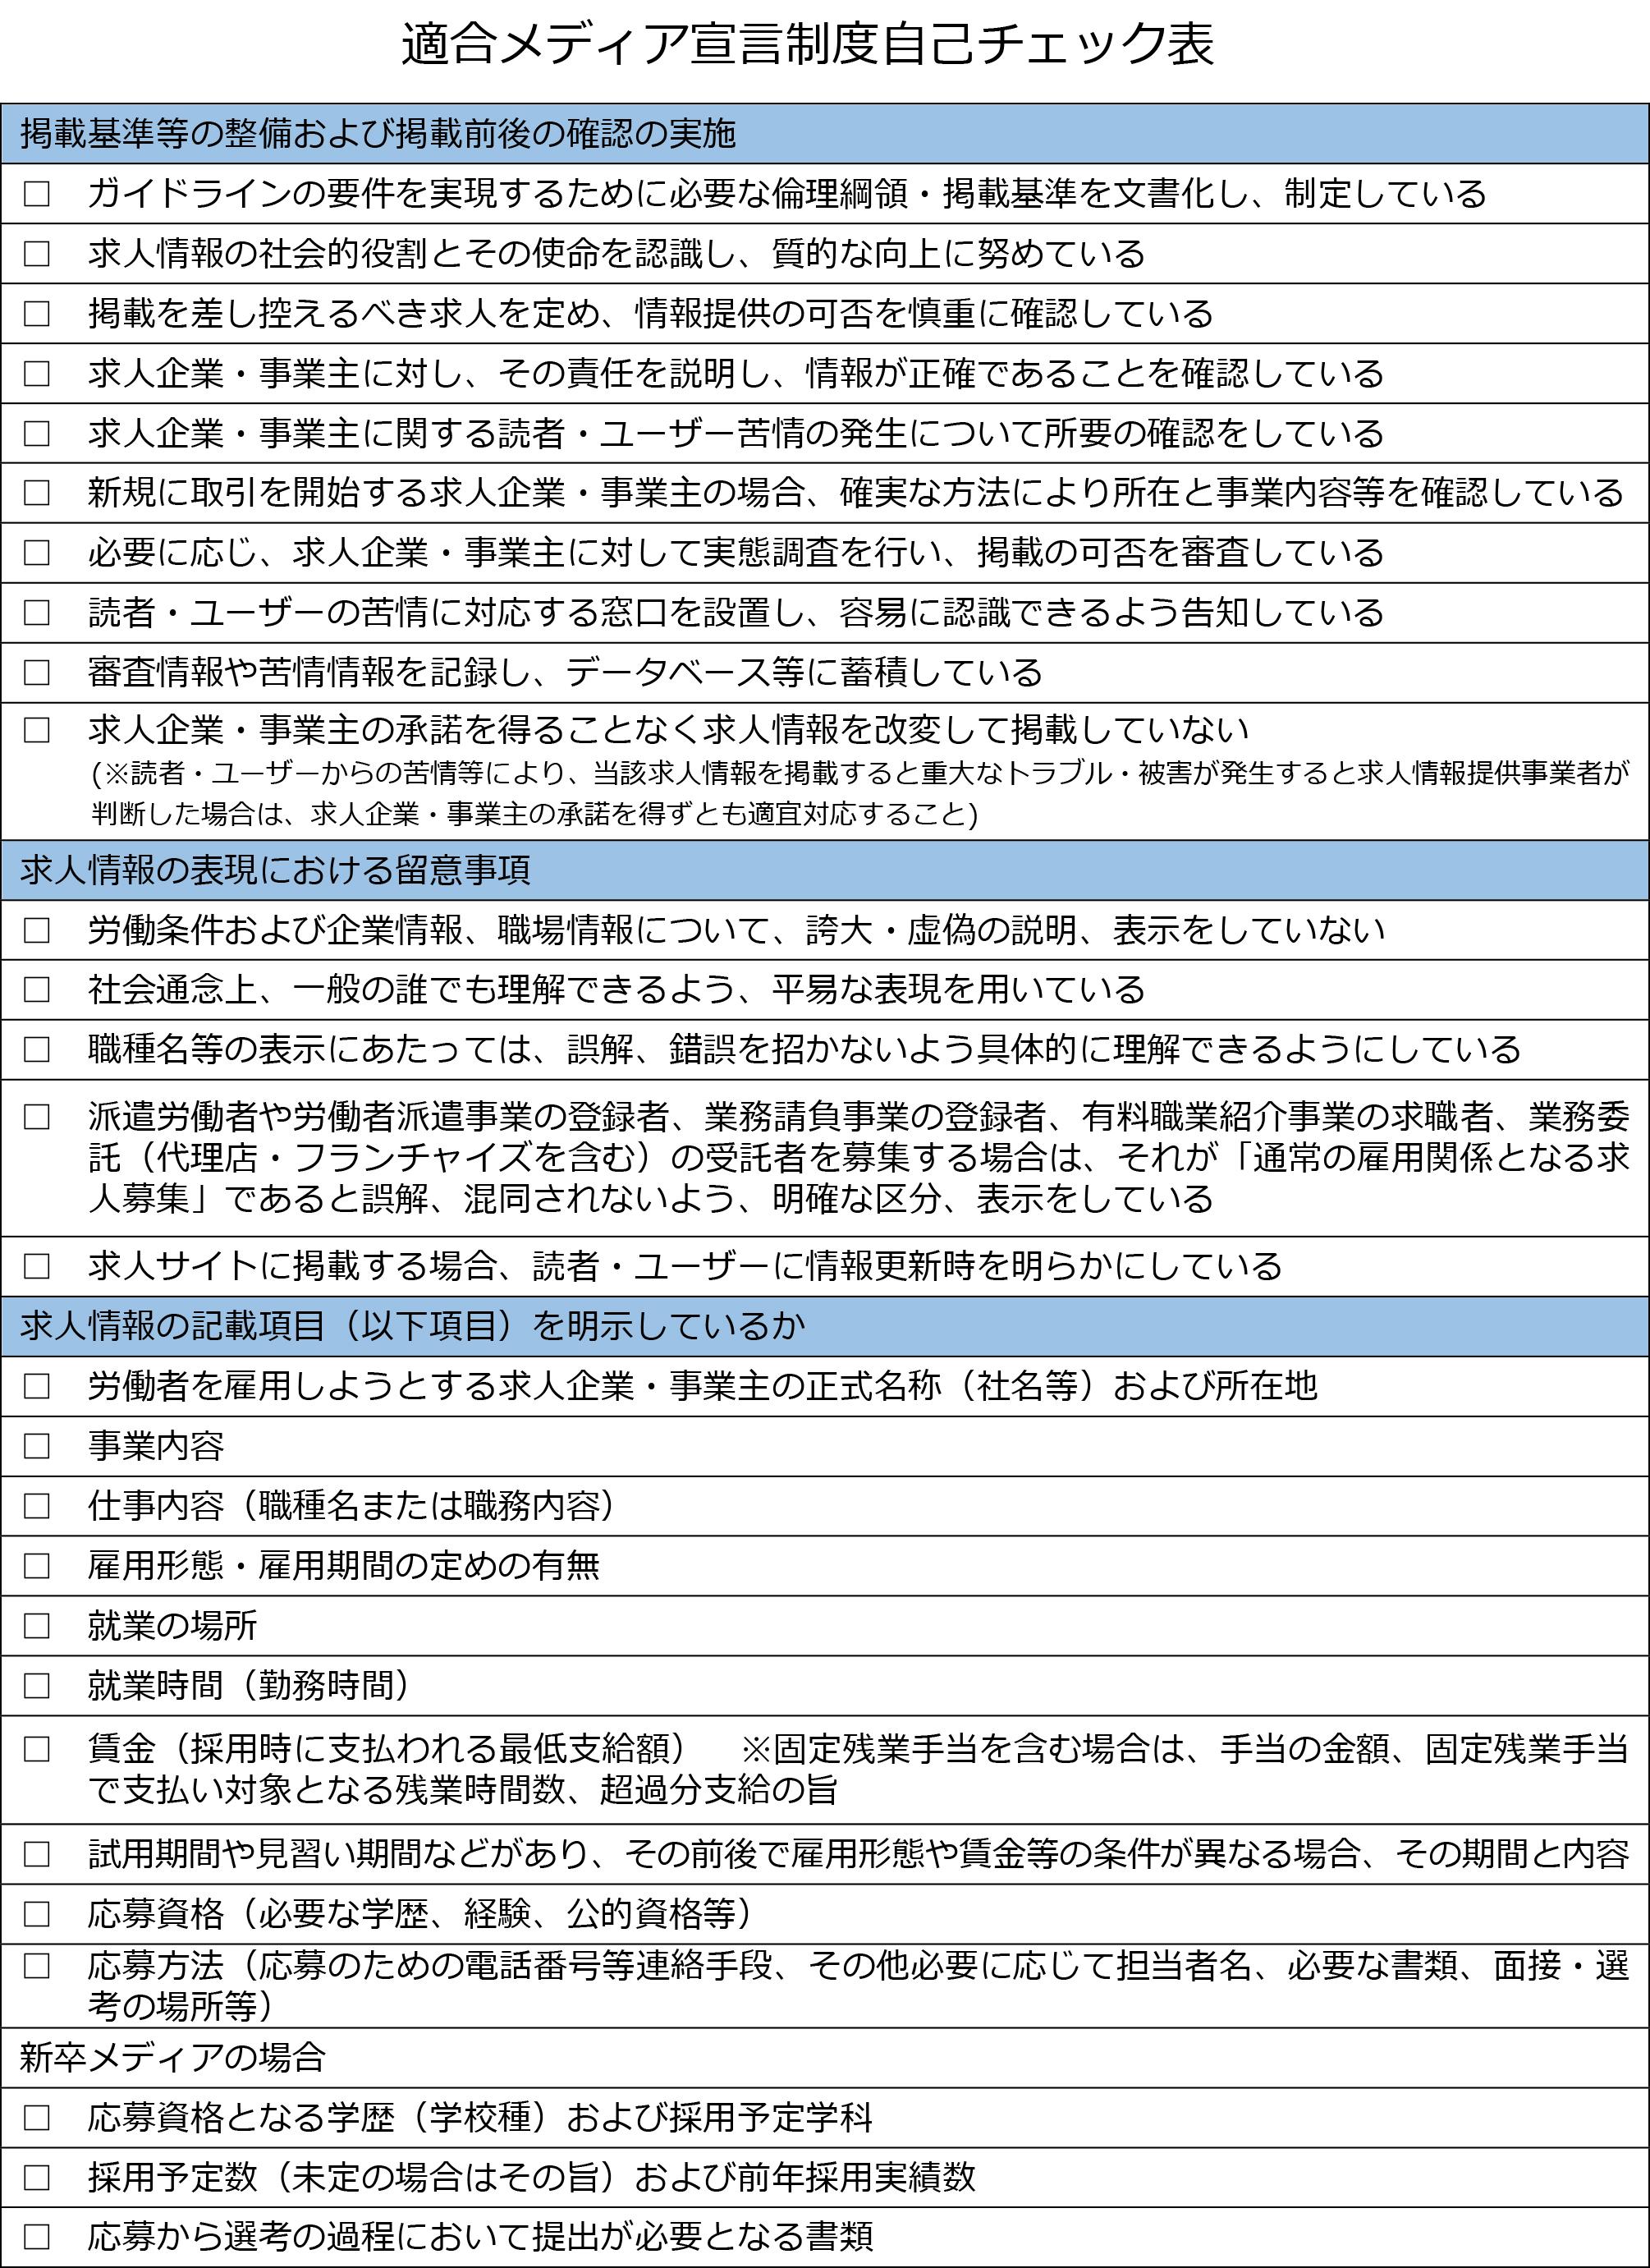 適合メディア宣言制度 自己チェック表[PDF]